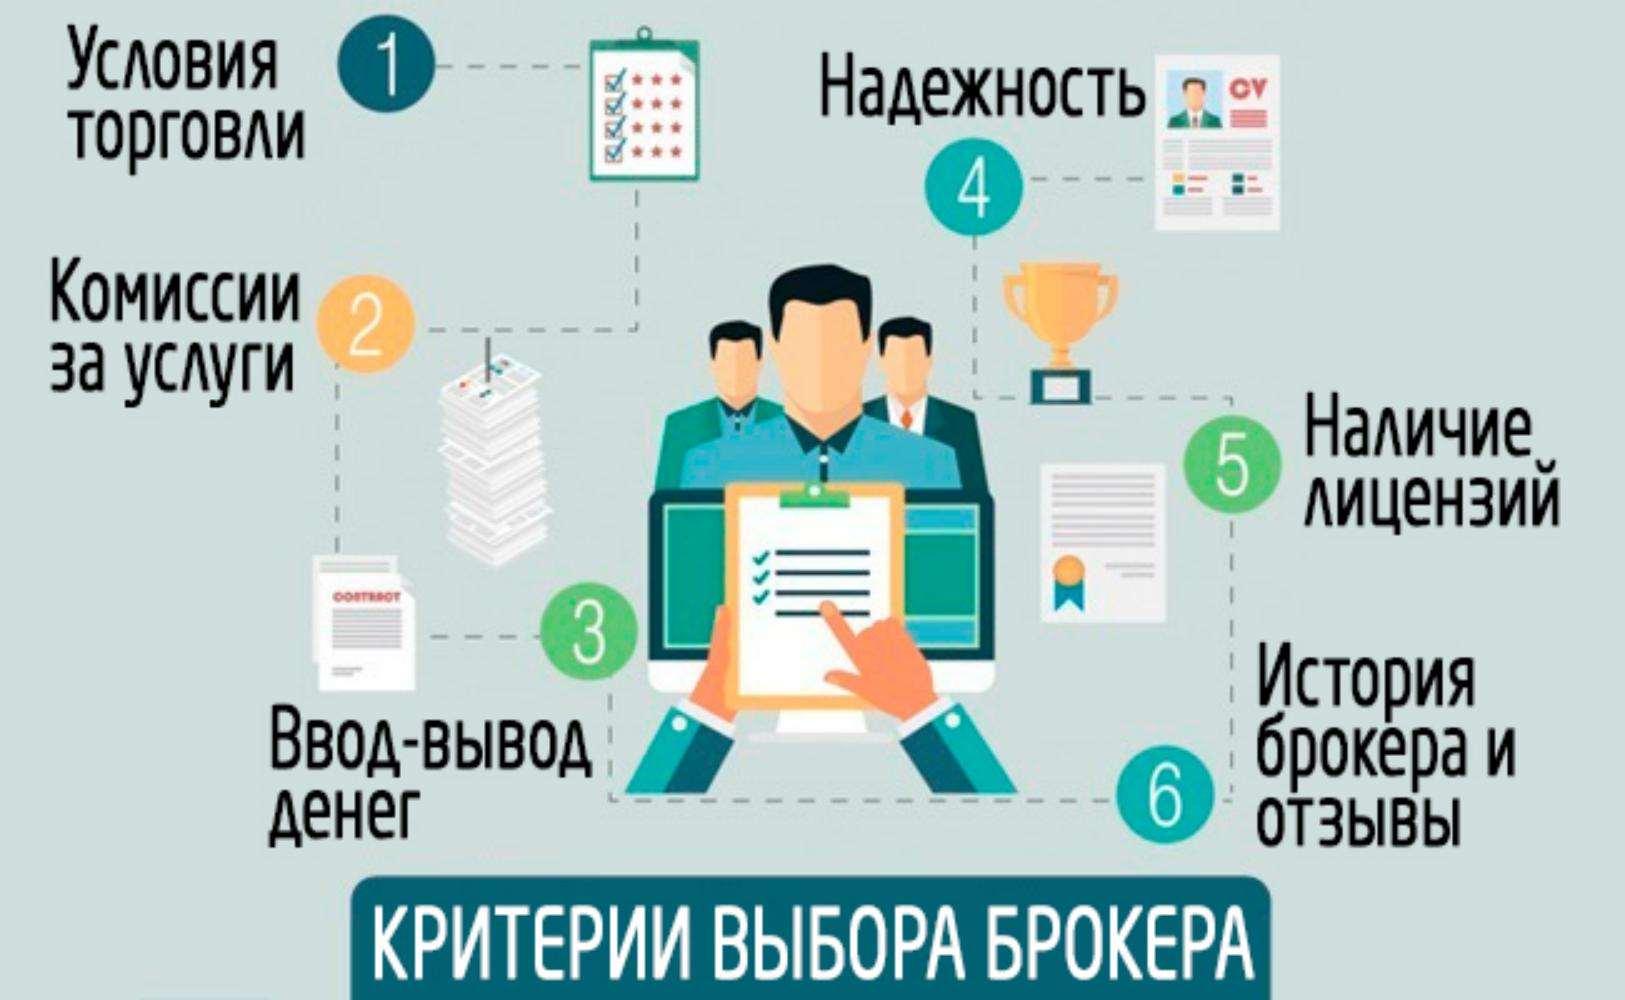 Рейтинг брокеров московской биржи